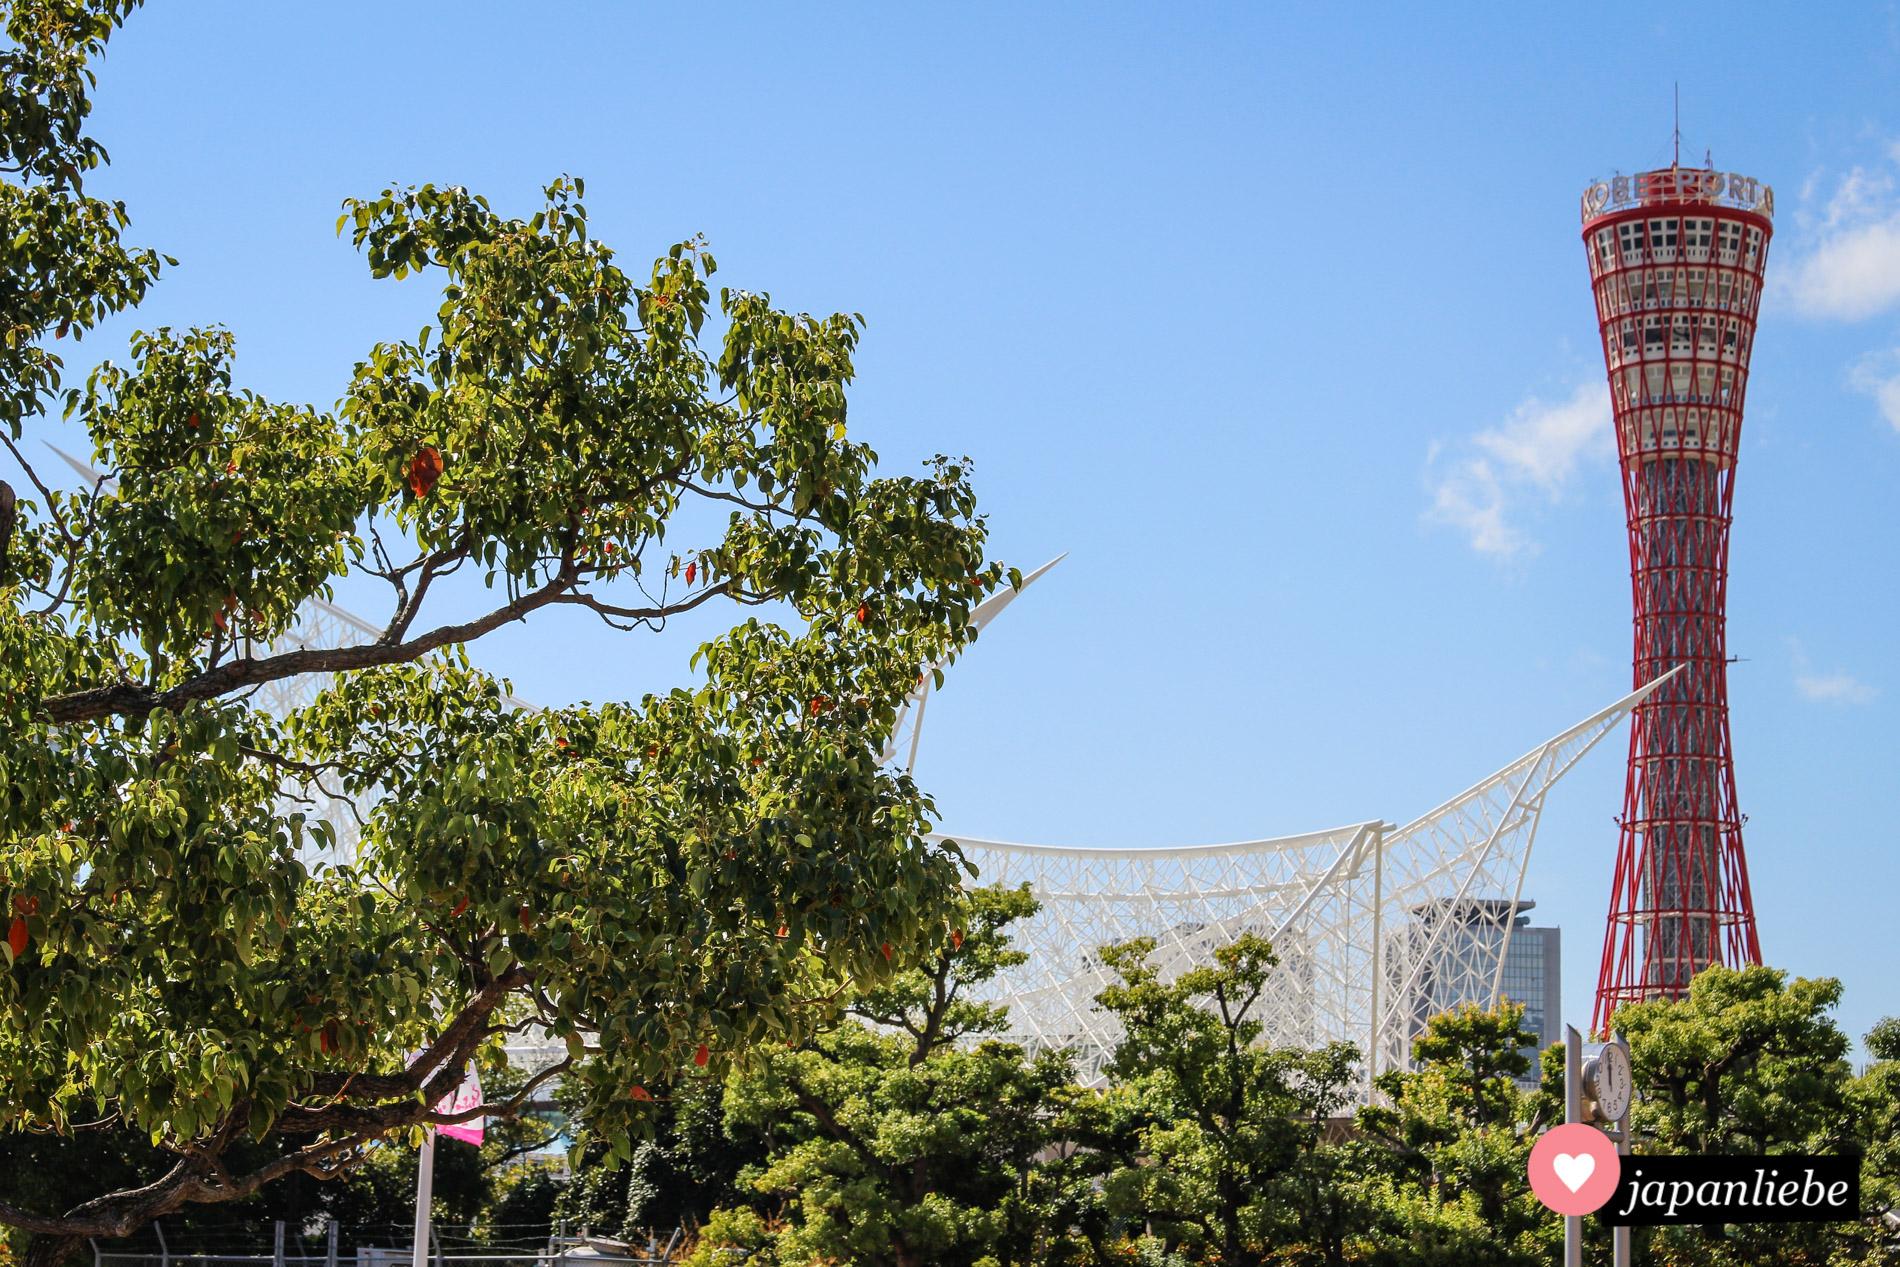 Der Port Tower und das Maritime Museum prägen die Sklyline von Kobe.